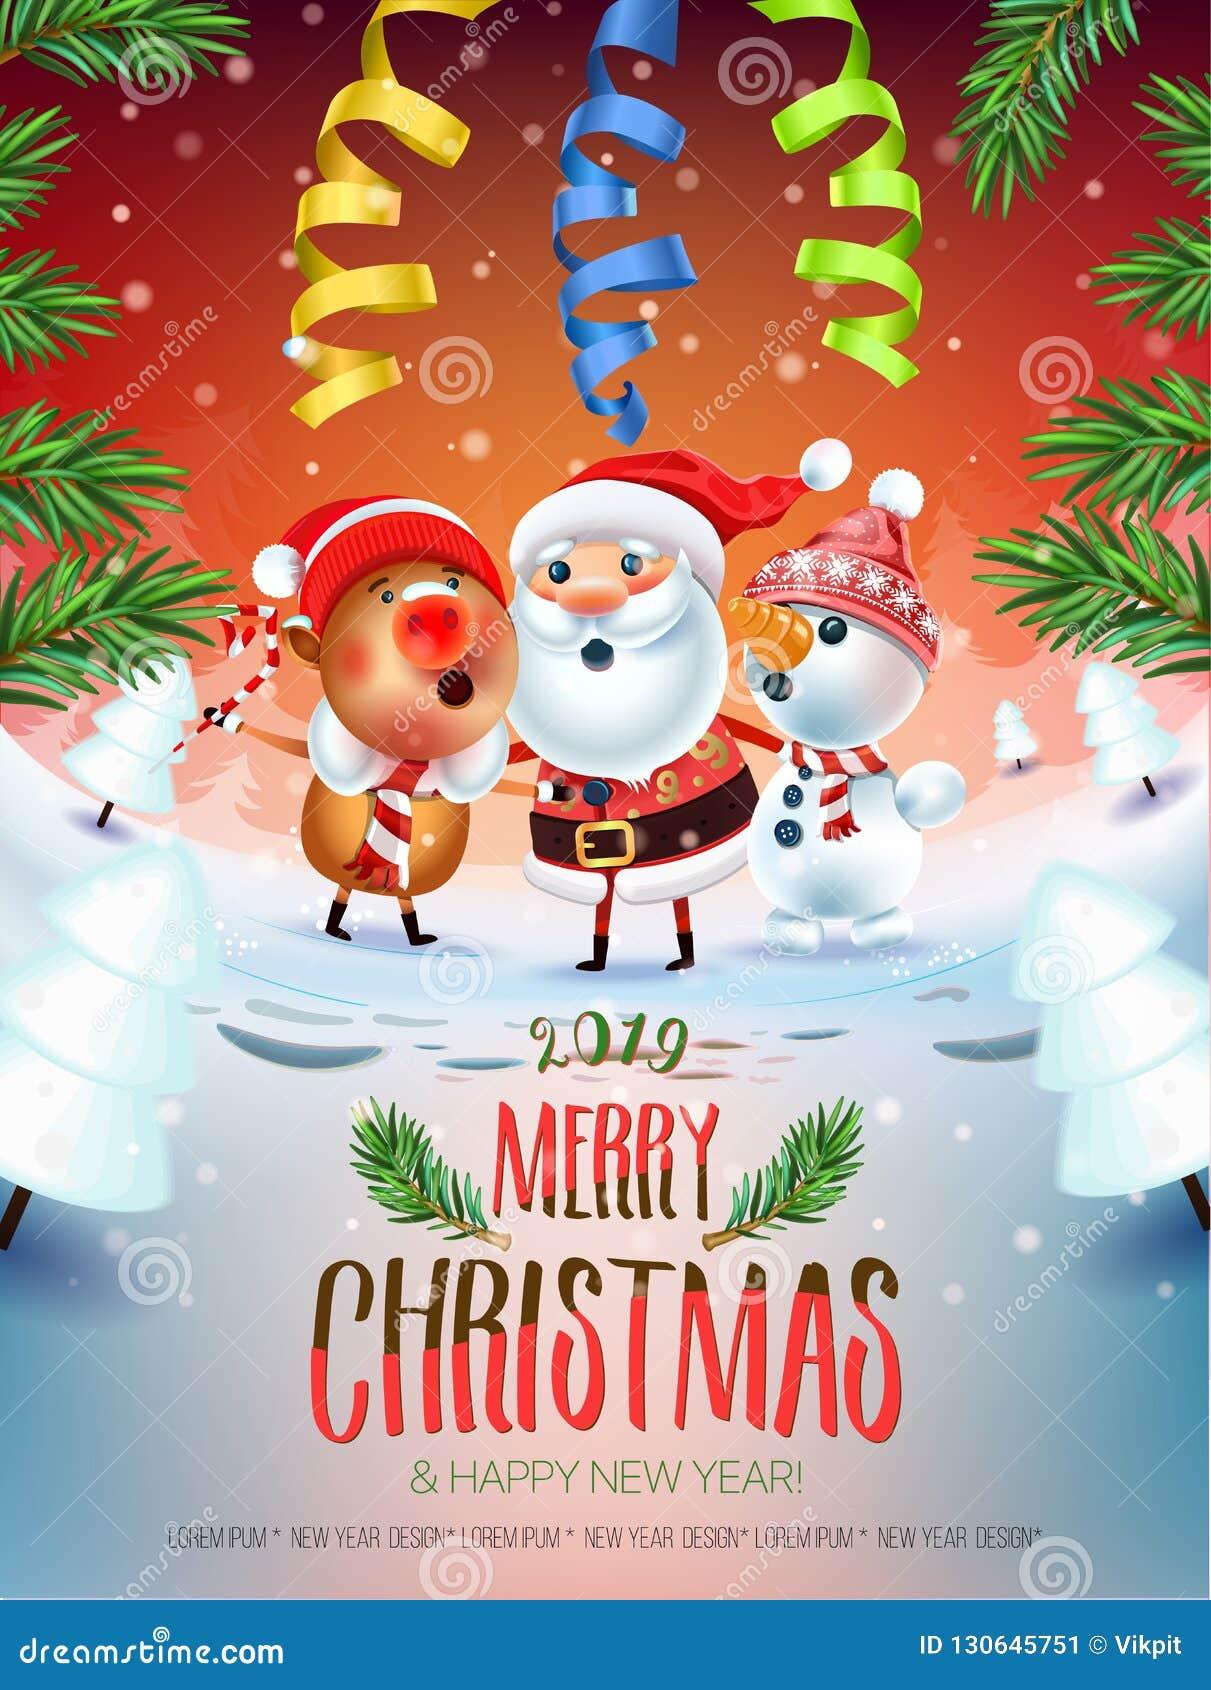 Canzone Di Natale Buon Natale.Un Manifesto Del Nuovo Anno Di 2019 Buon Natale Santa Claus